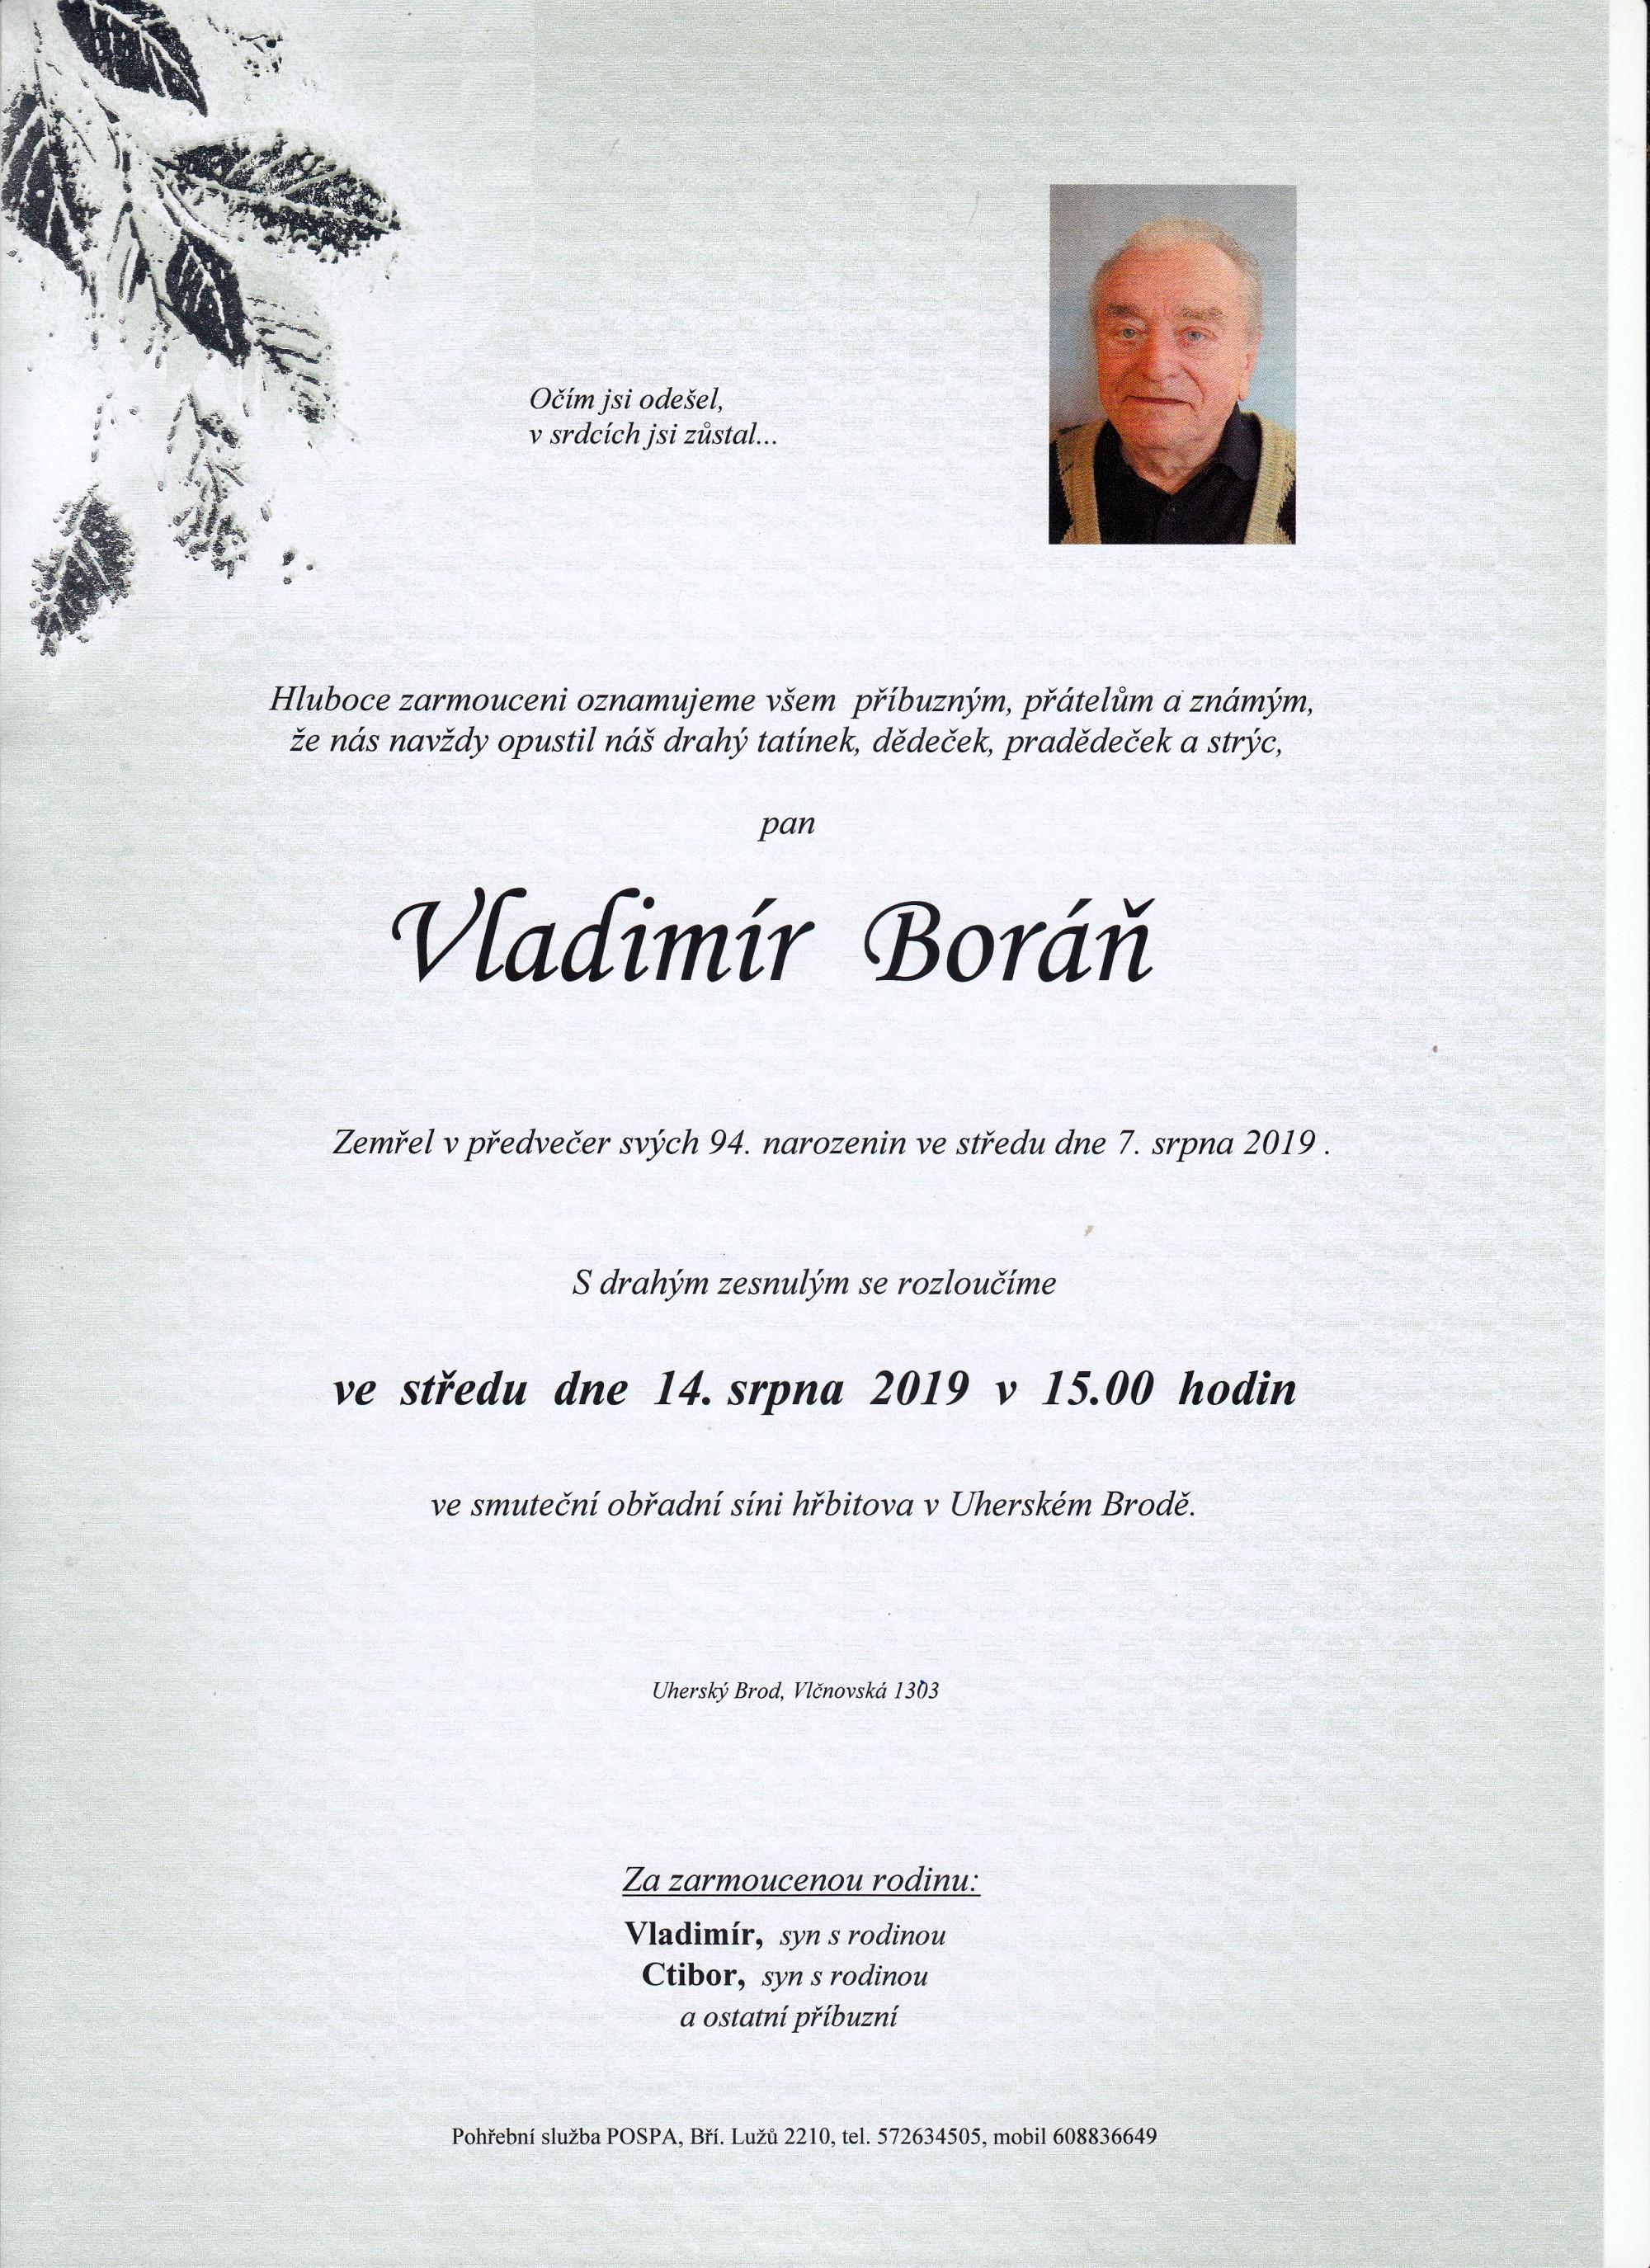 Vladimír Boráň